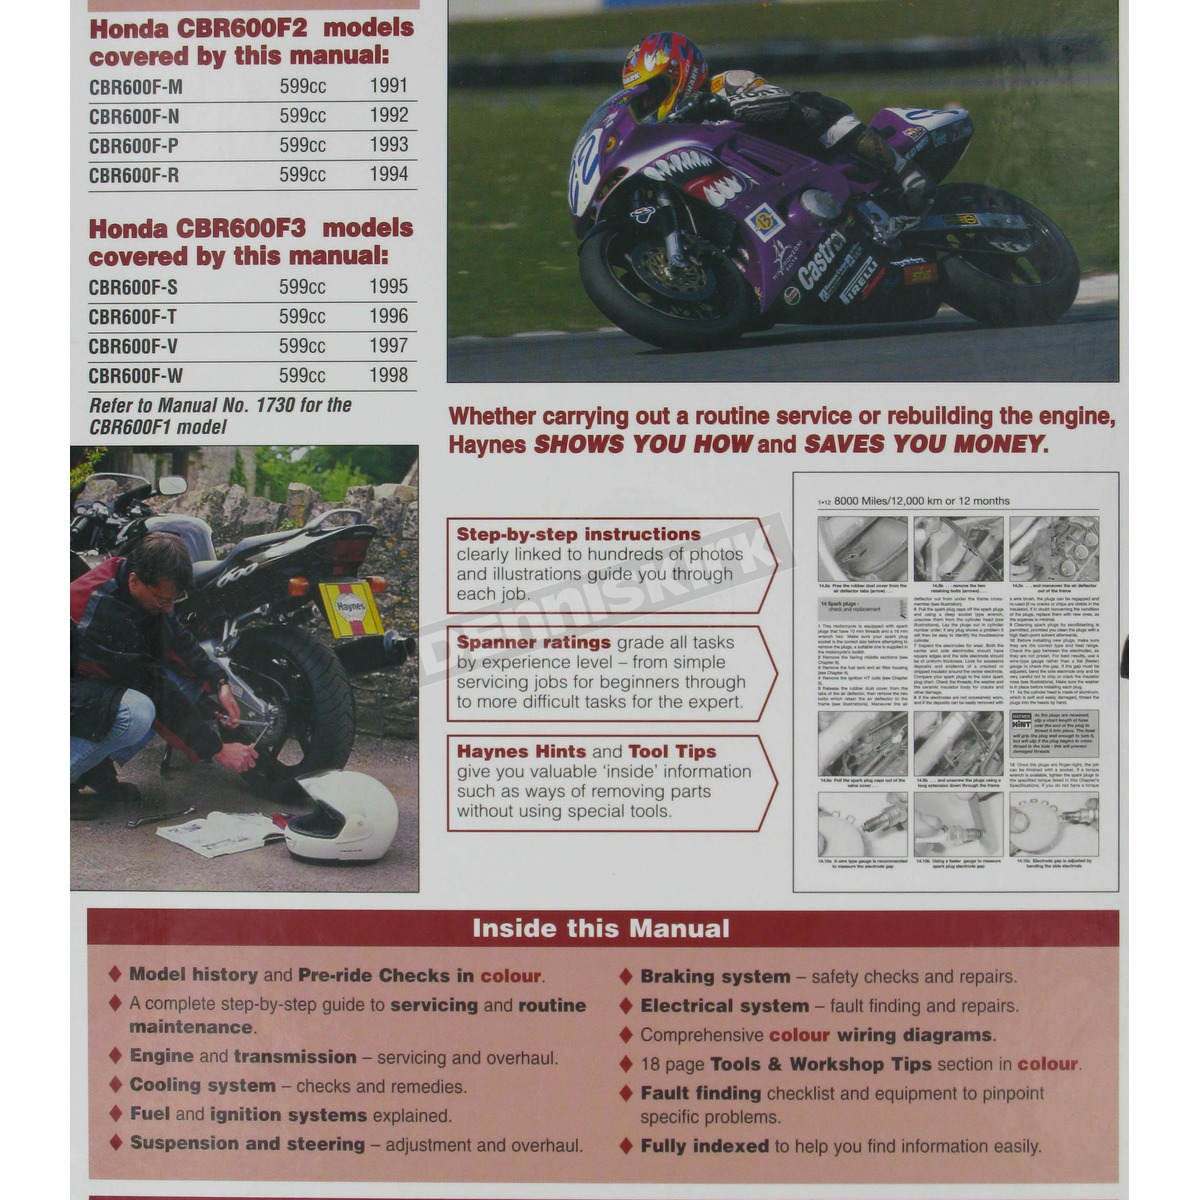 hight resolution of  honda haynes honda cbr600f2 cbr600f3 repair manual 2070 sport bike on honda 96 cbr 600 wire